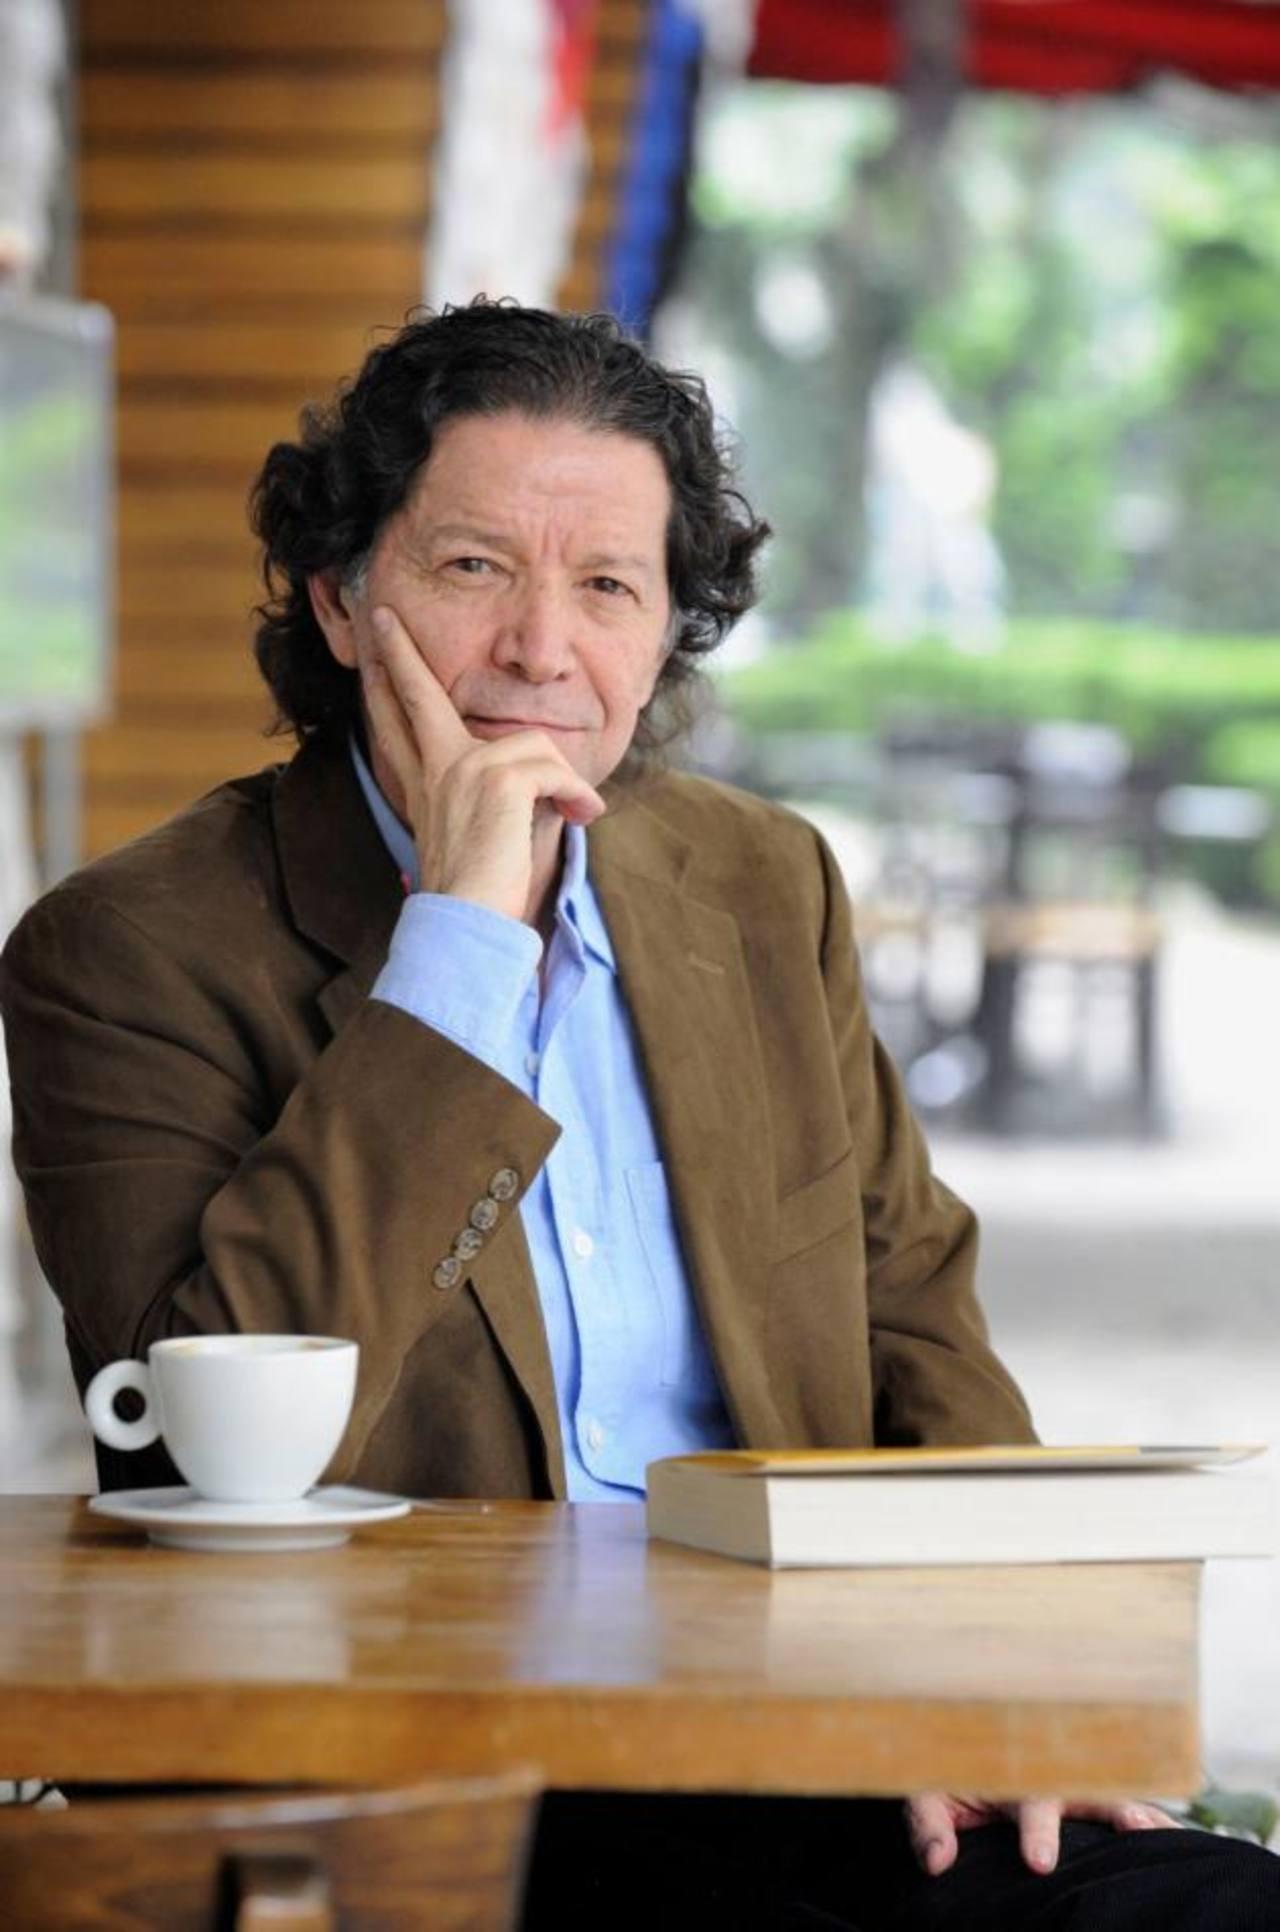 El también analista político Jorge Zepeda Patterson.